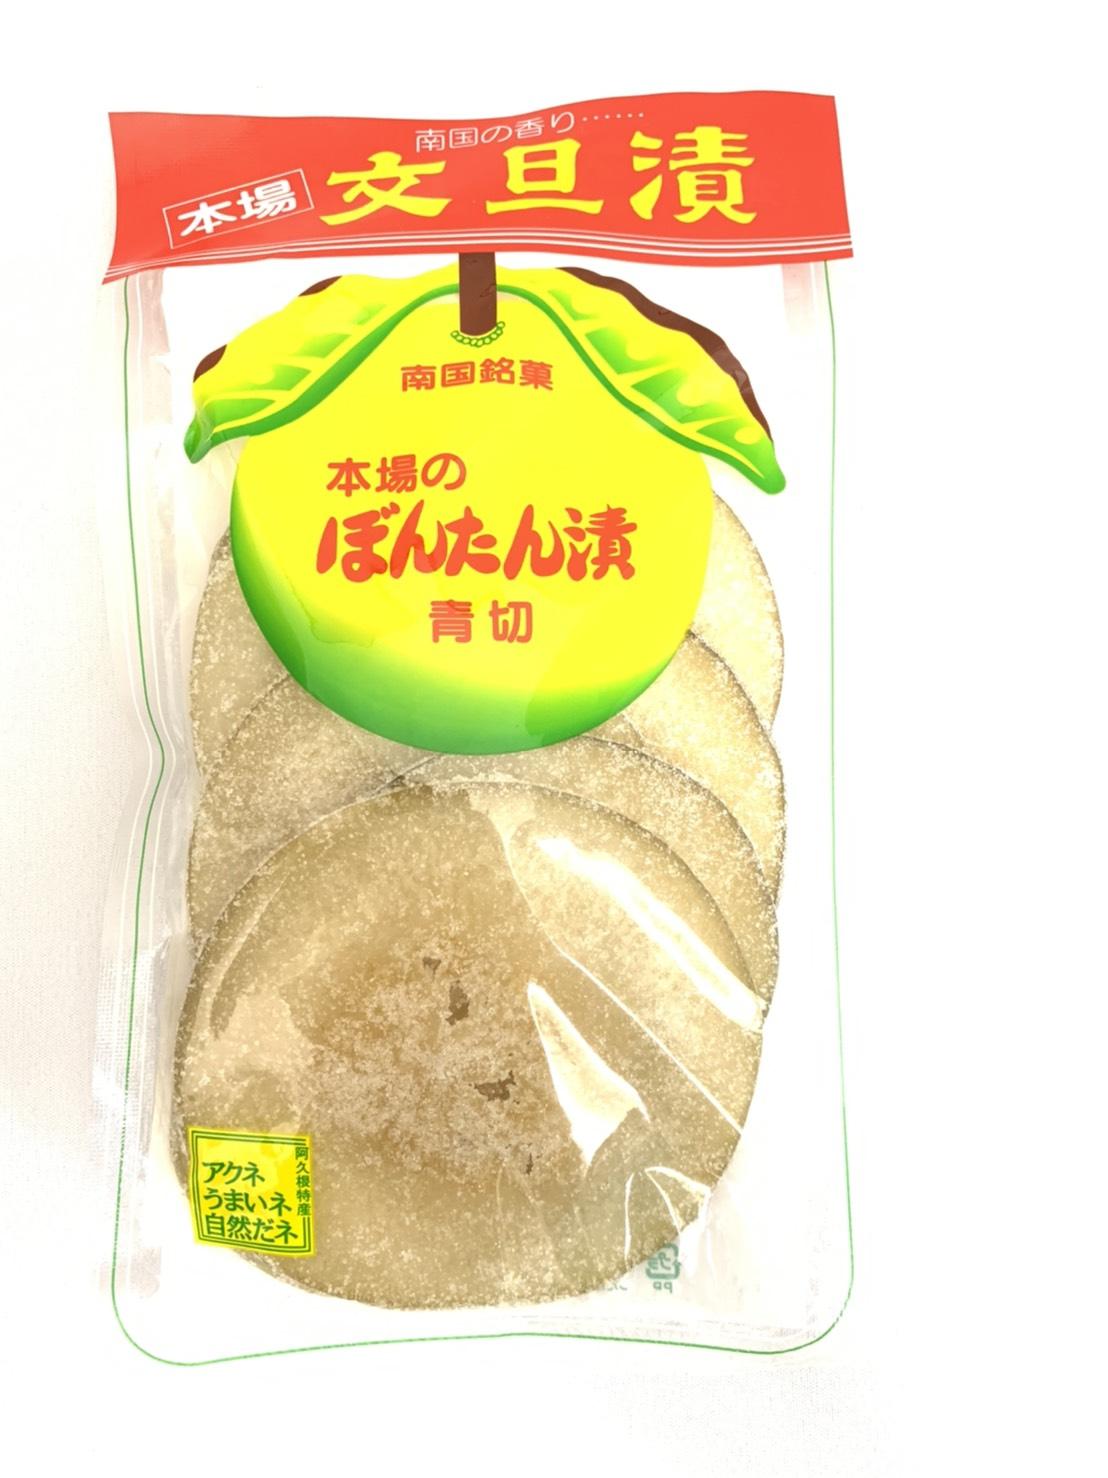 泰平食品 ぼんたん漬青切(200g)